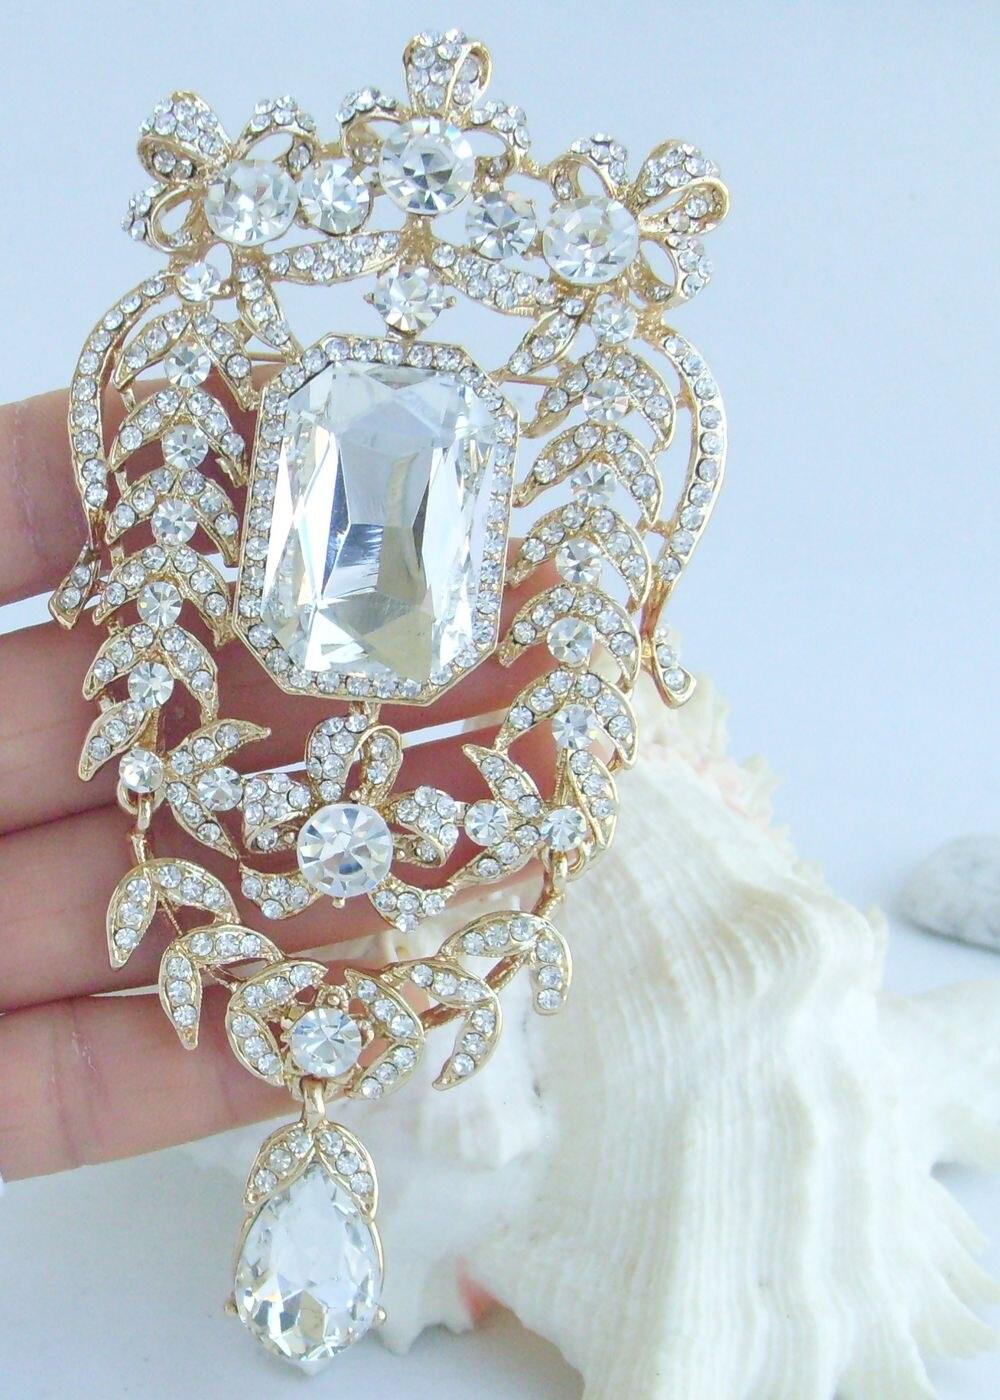 """Свадьба 4,5"""" золотой тон прозрачный горный хрусталь, страз каплевидный цветок брошка заколка медальон EE04910C6"""